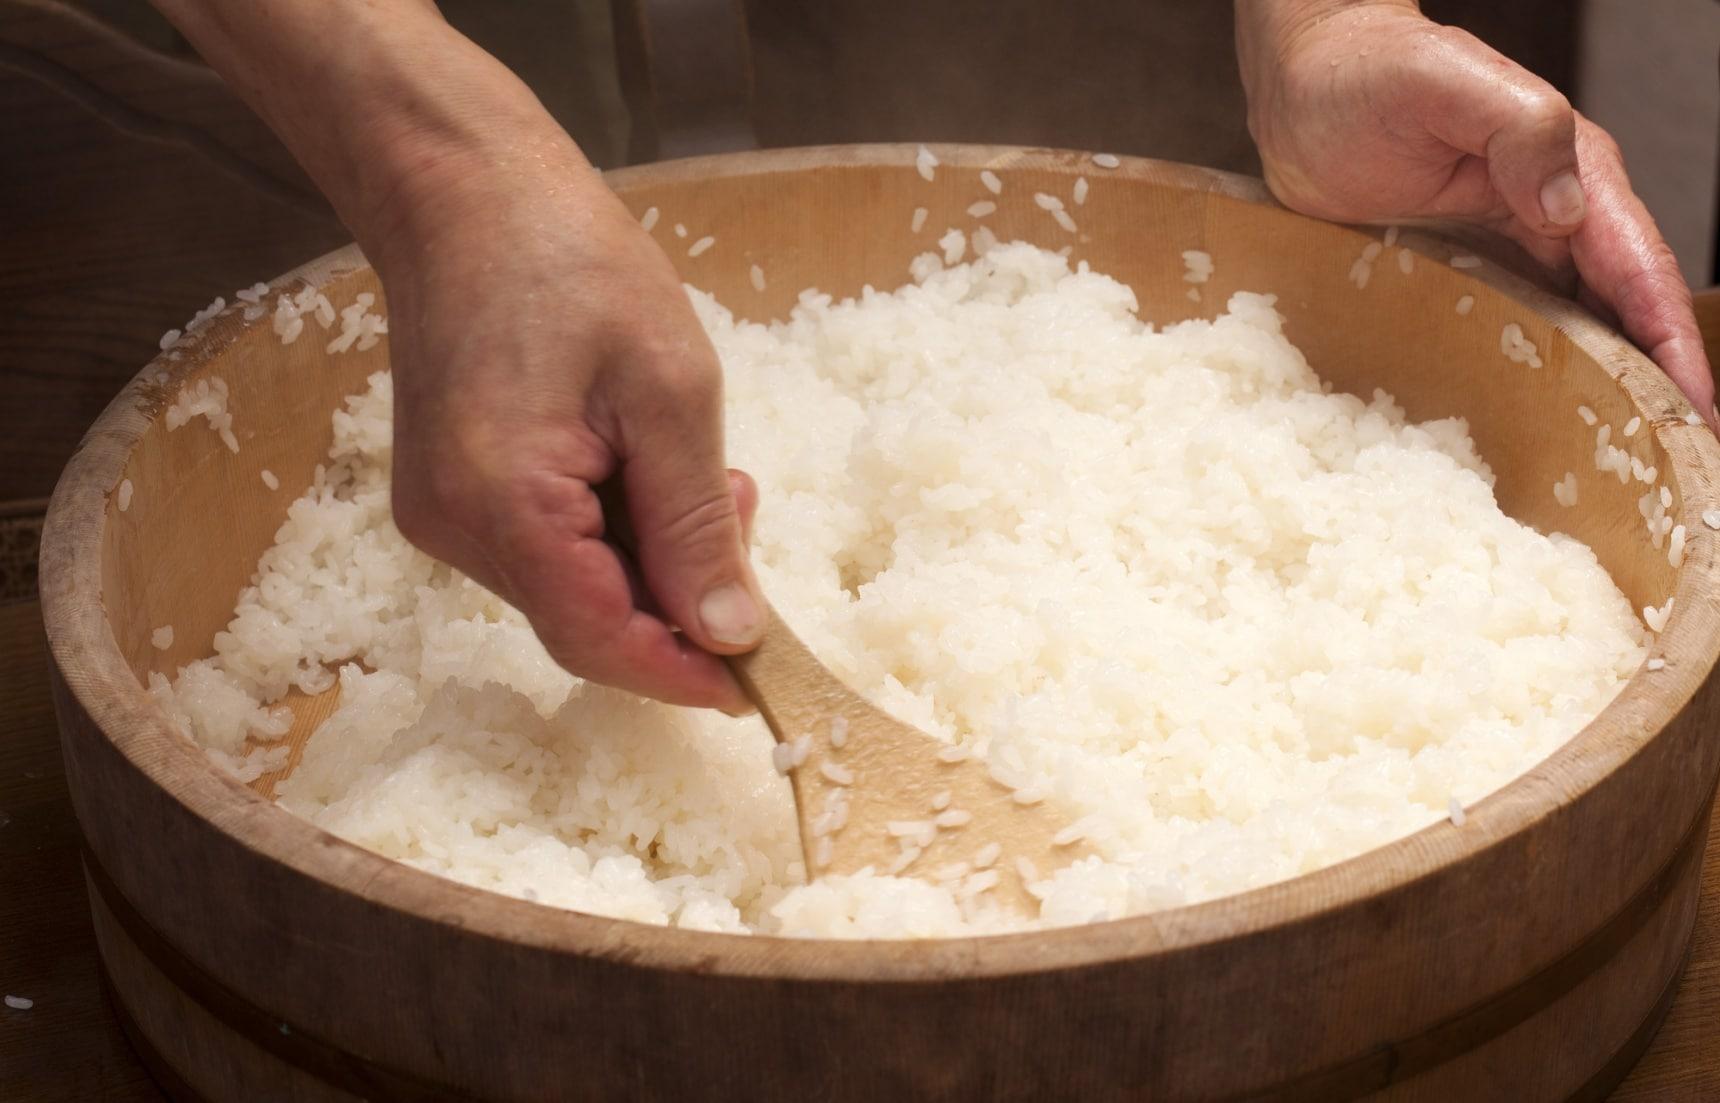 สูตรข้าวซูชิ พร้อมวิธีหุงข้าวญี่ปุ่น